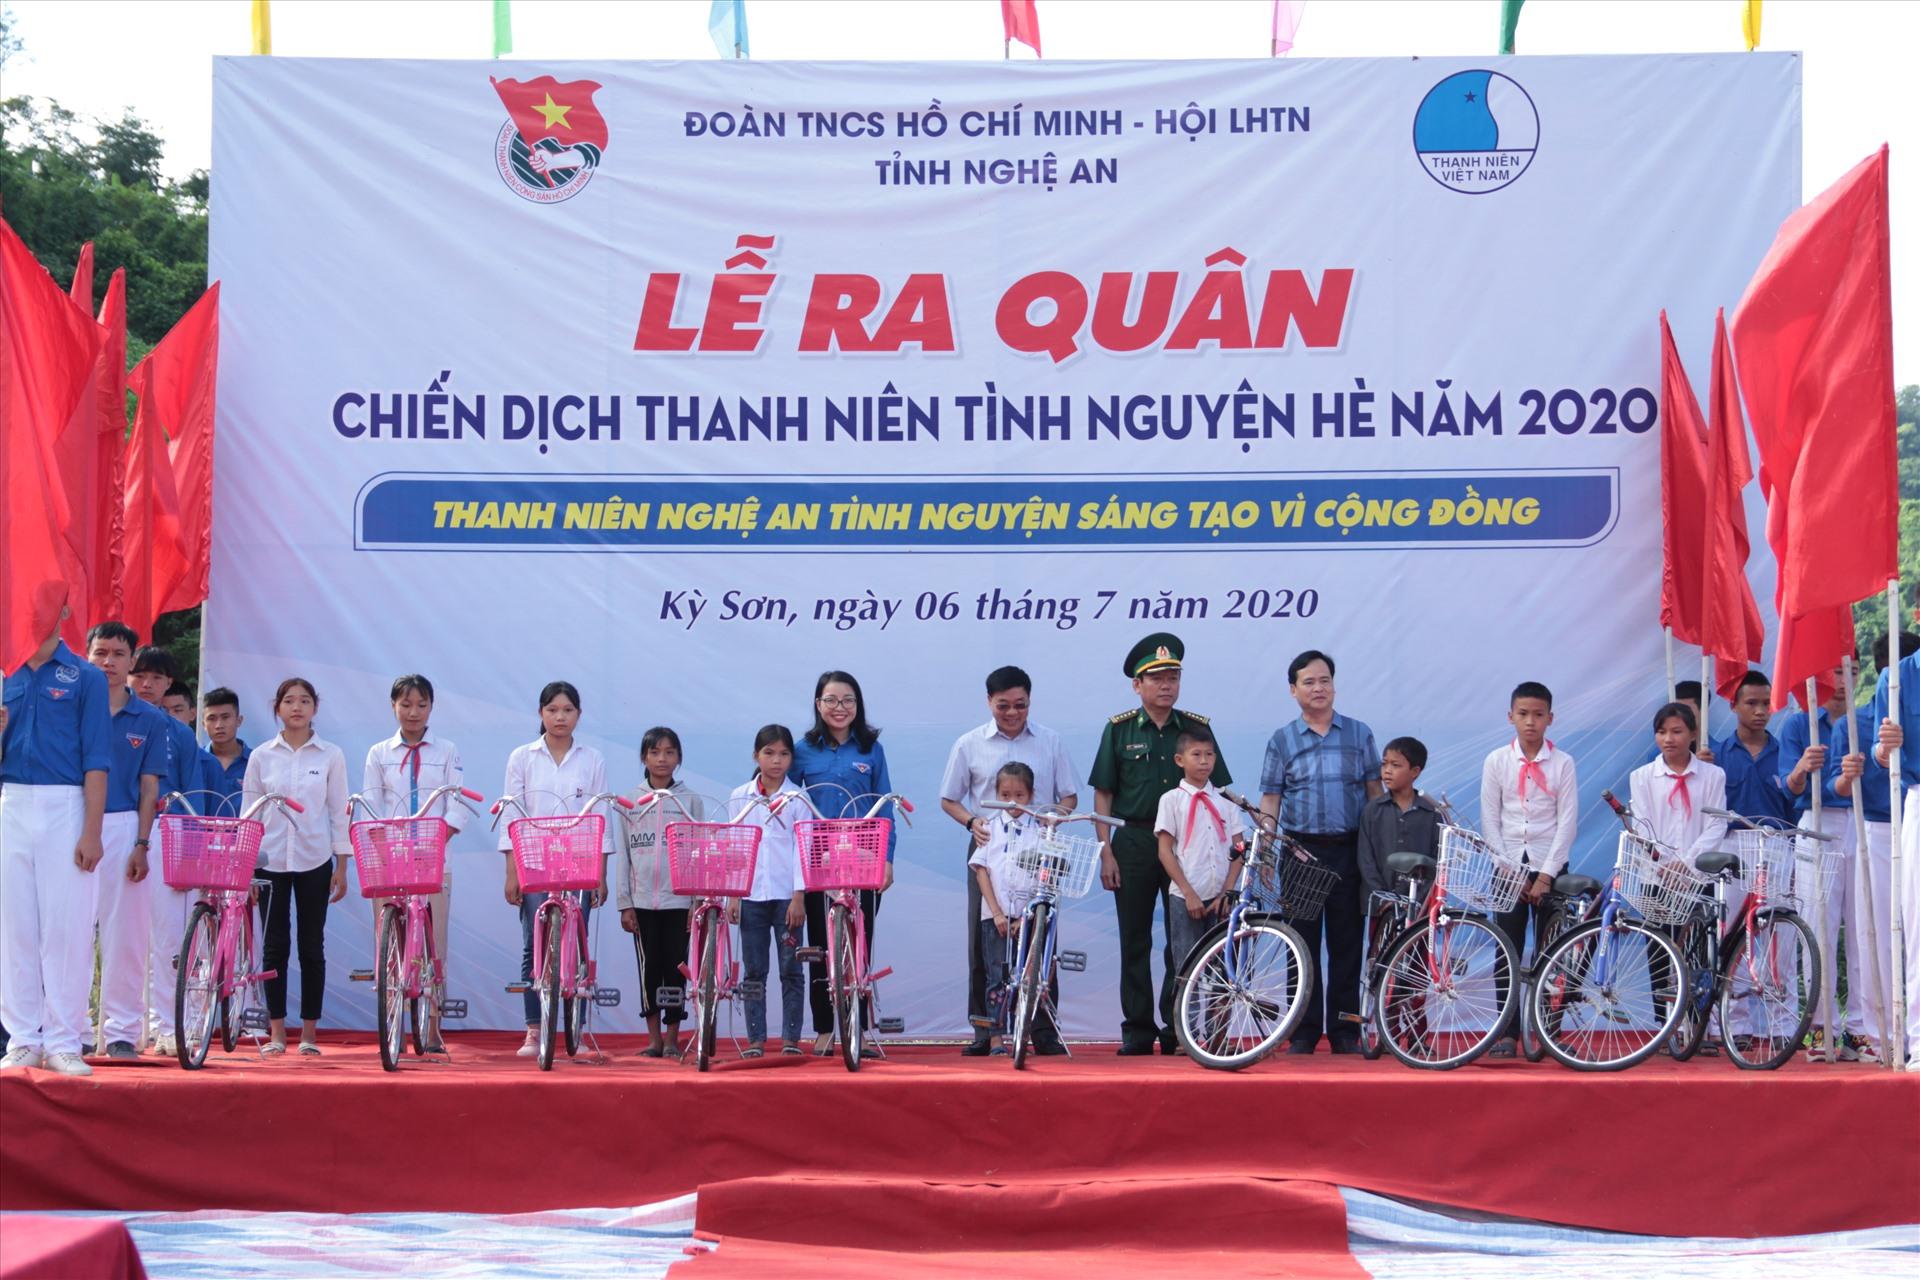 Trao tặng xe đạp cho các em học sinh vượt khó học giỏi. Ảnh: Tr. Tuyên.